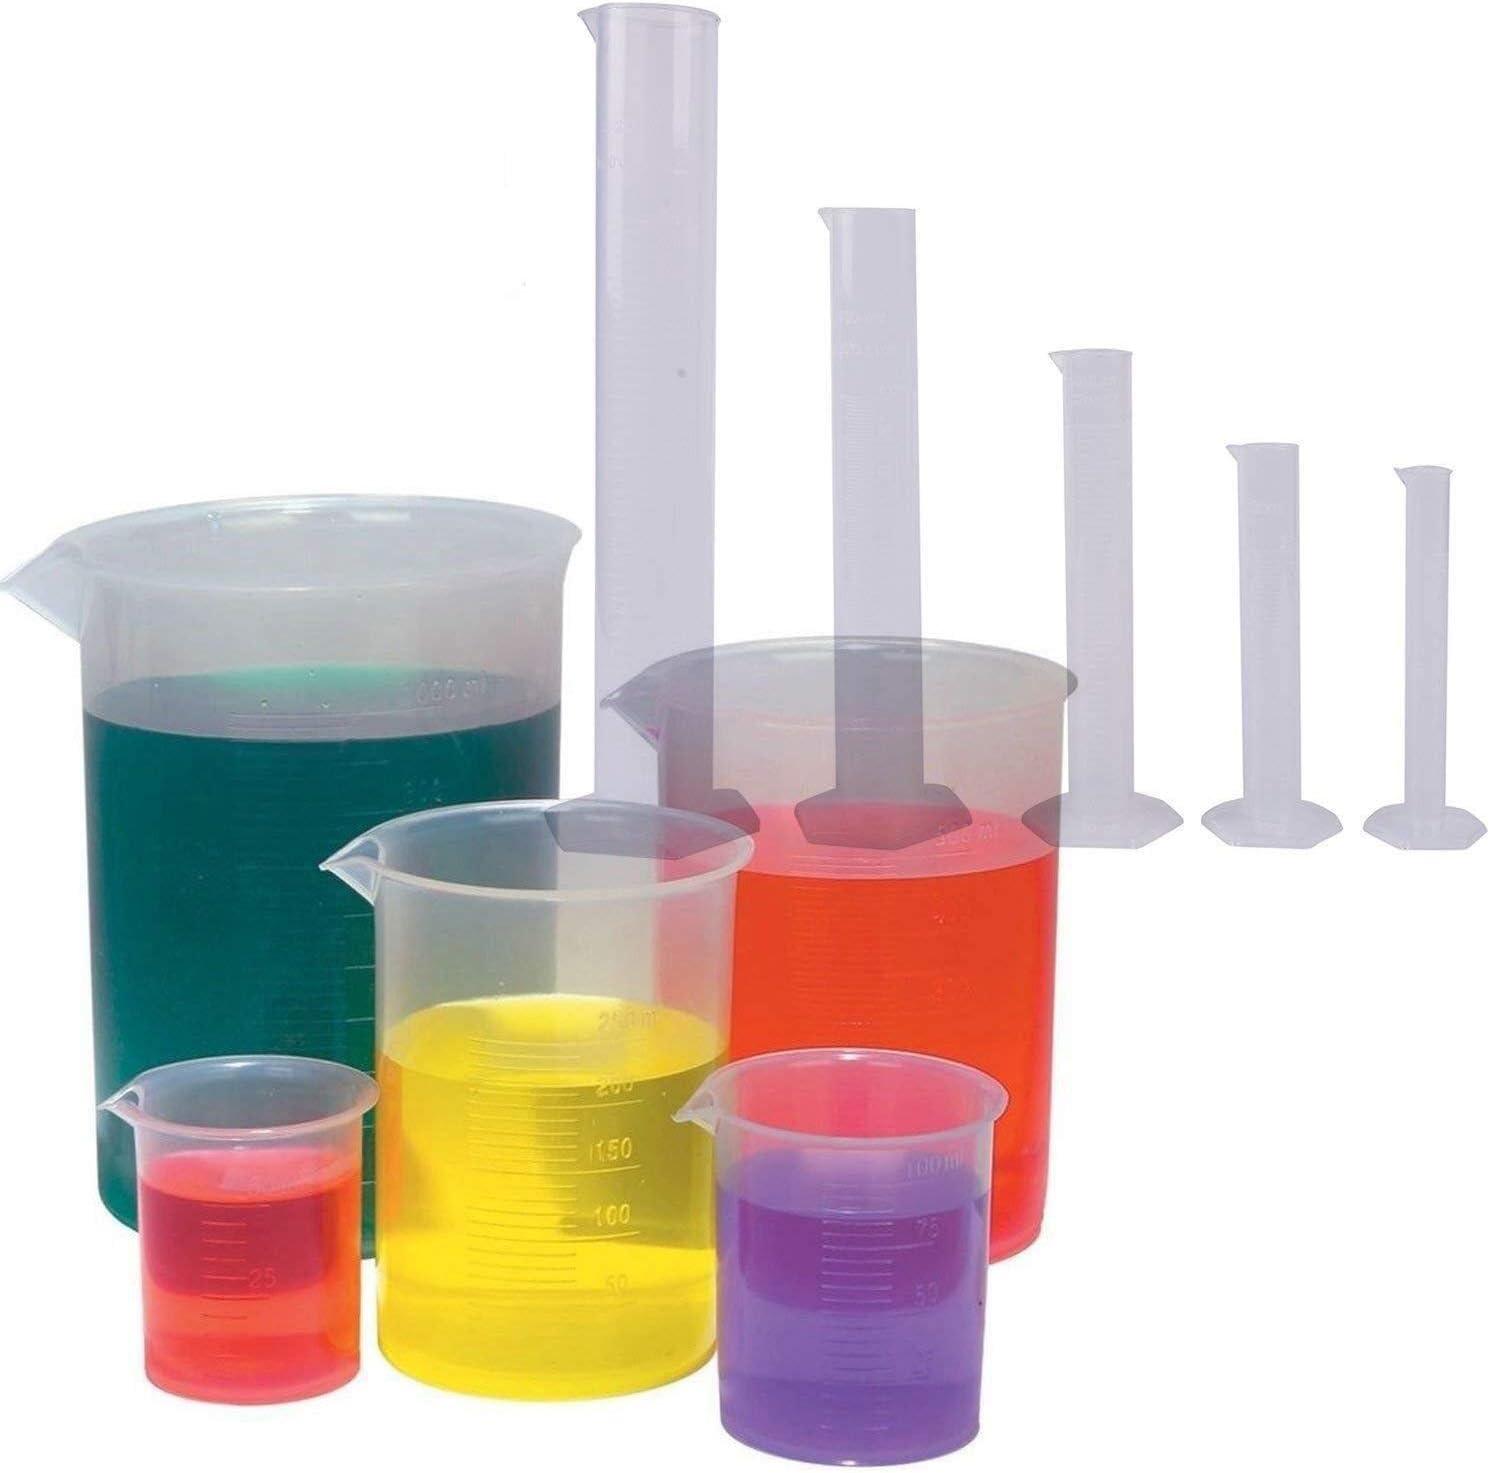 Copa liquida Cilindros graduados de plástico transparente de 5 tamaños (10 25 50 100 250 ml) Juego de vasos de plástico de 5 paquetes: 50, 100, 250, 500, 1000ML Contenedor de plástico